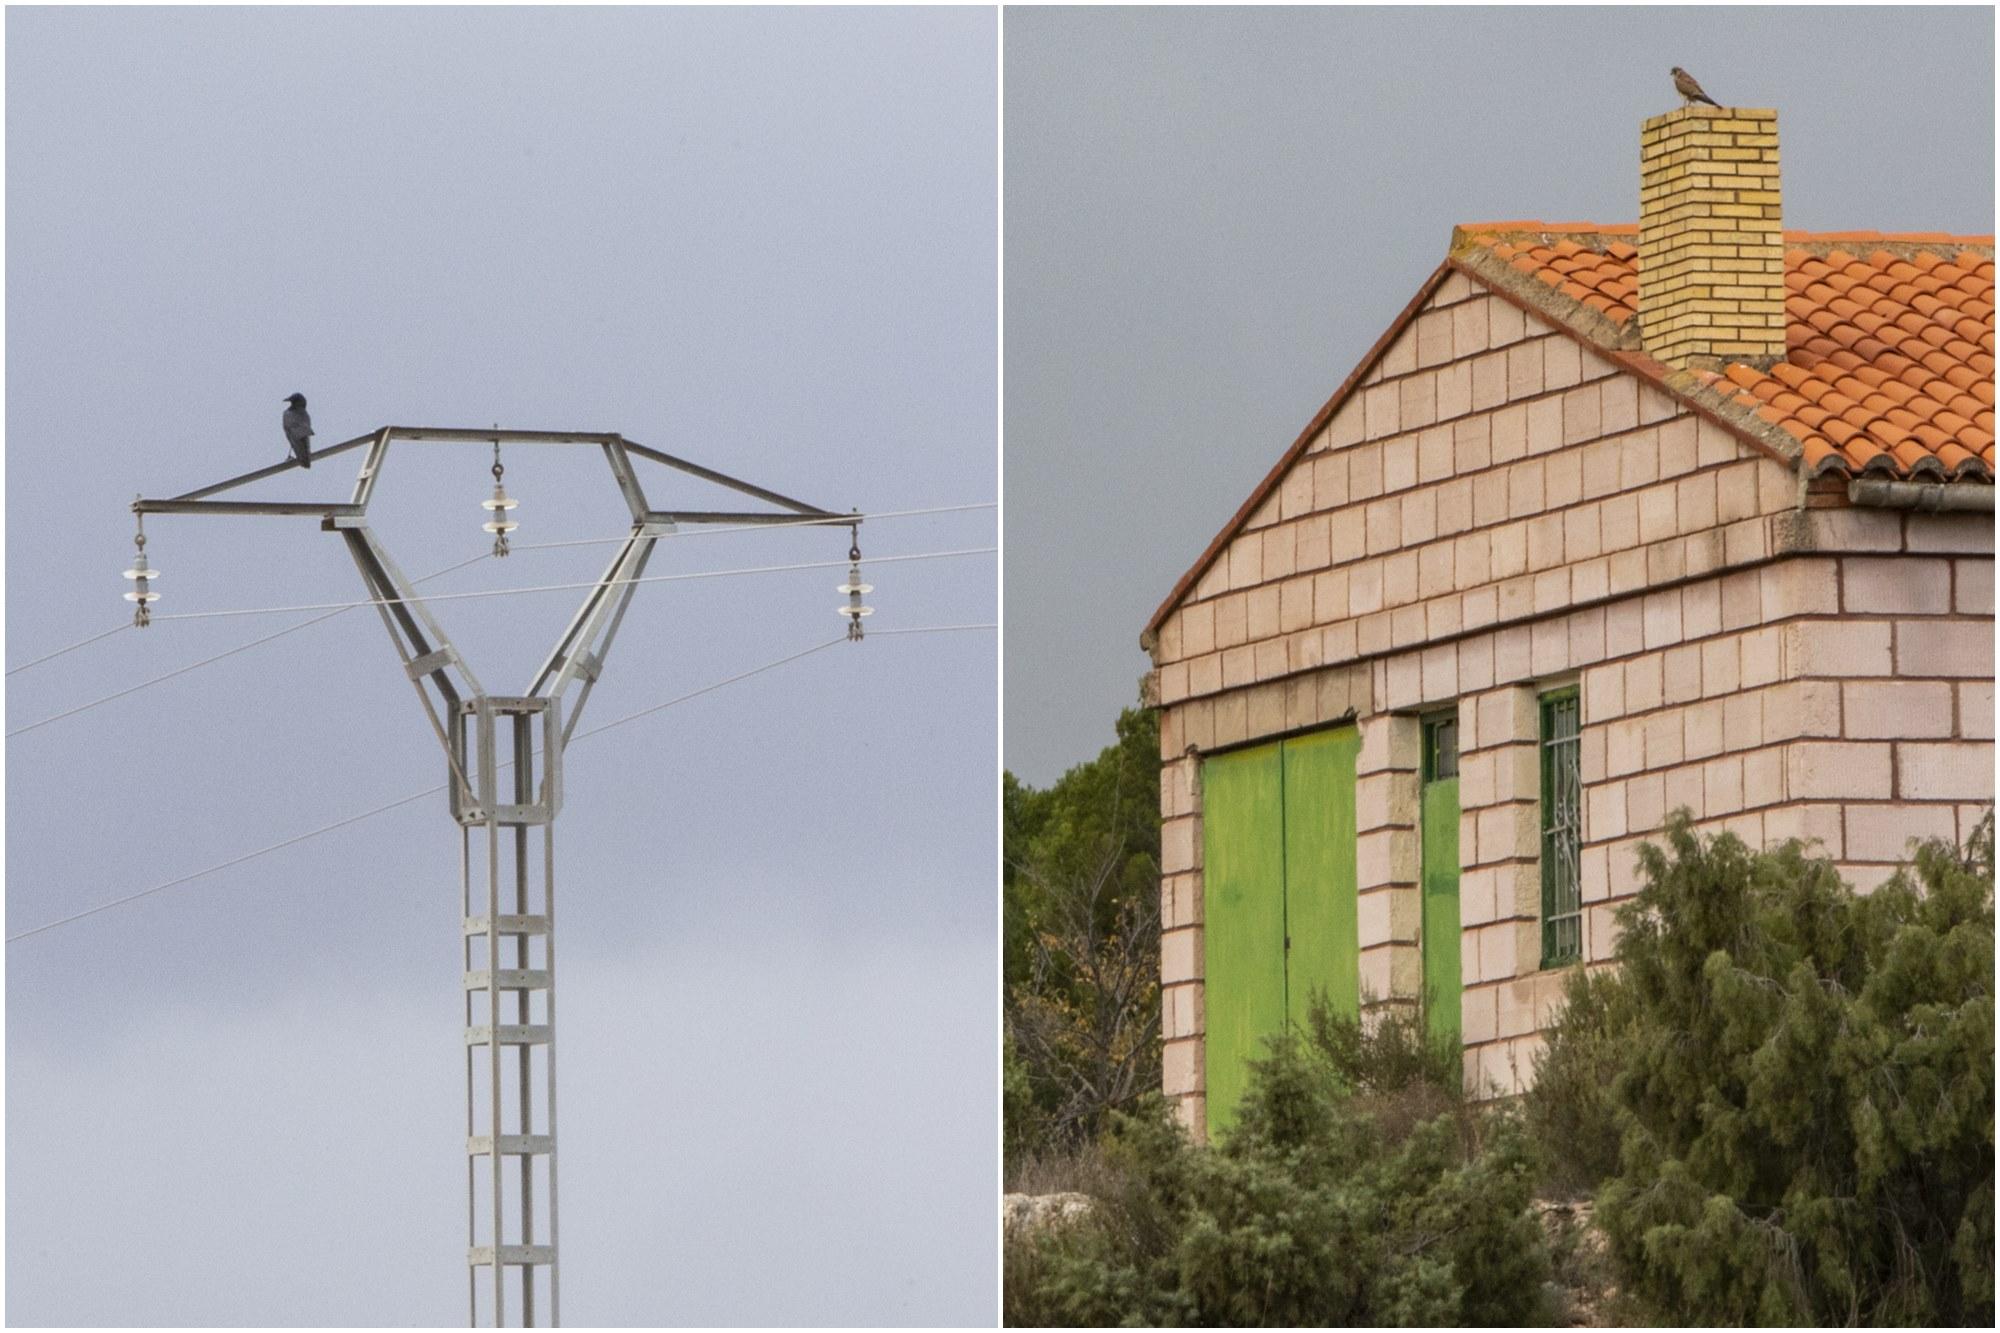 Una corneja se posa en el cable de electricidad mientras que el cernícalo prefiere la chimenea de una casa cercana.